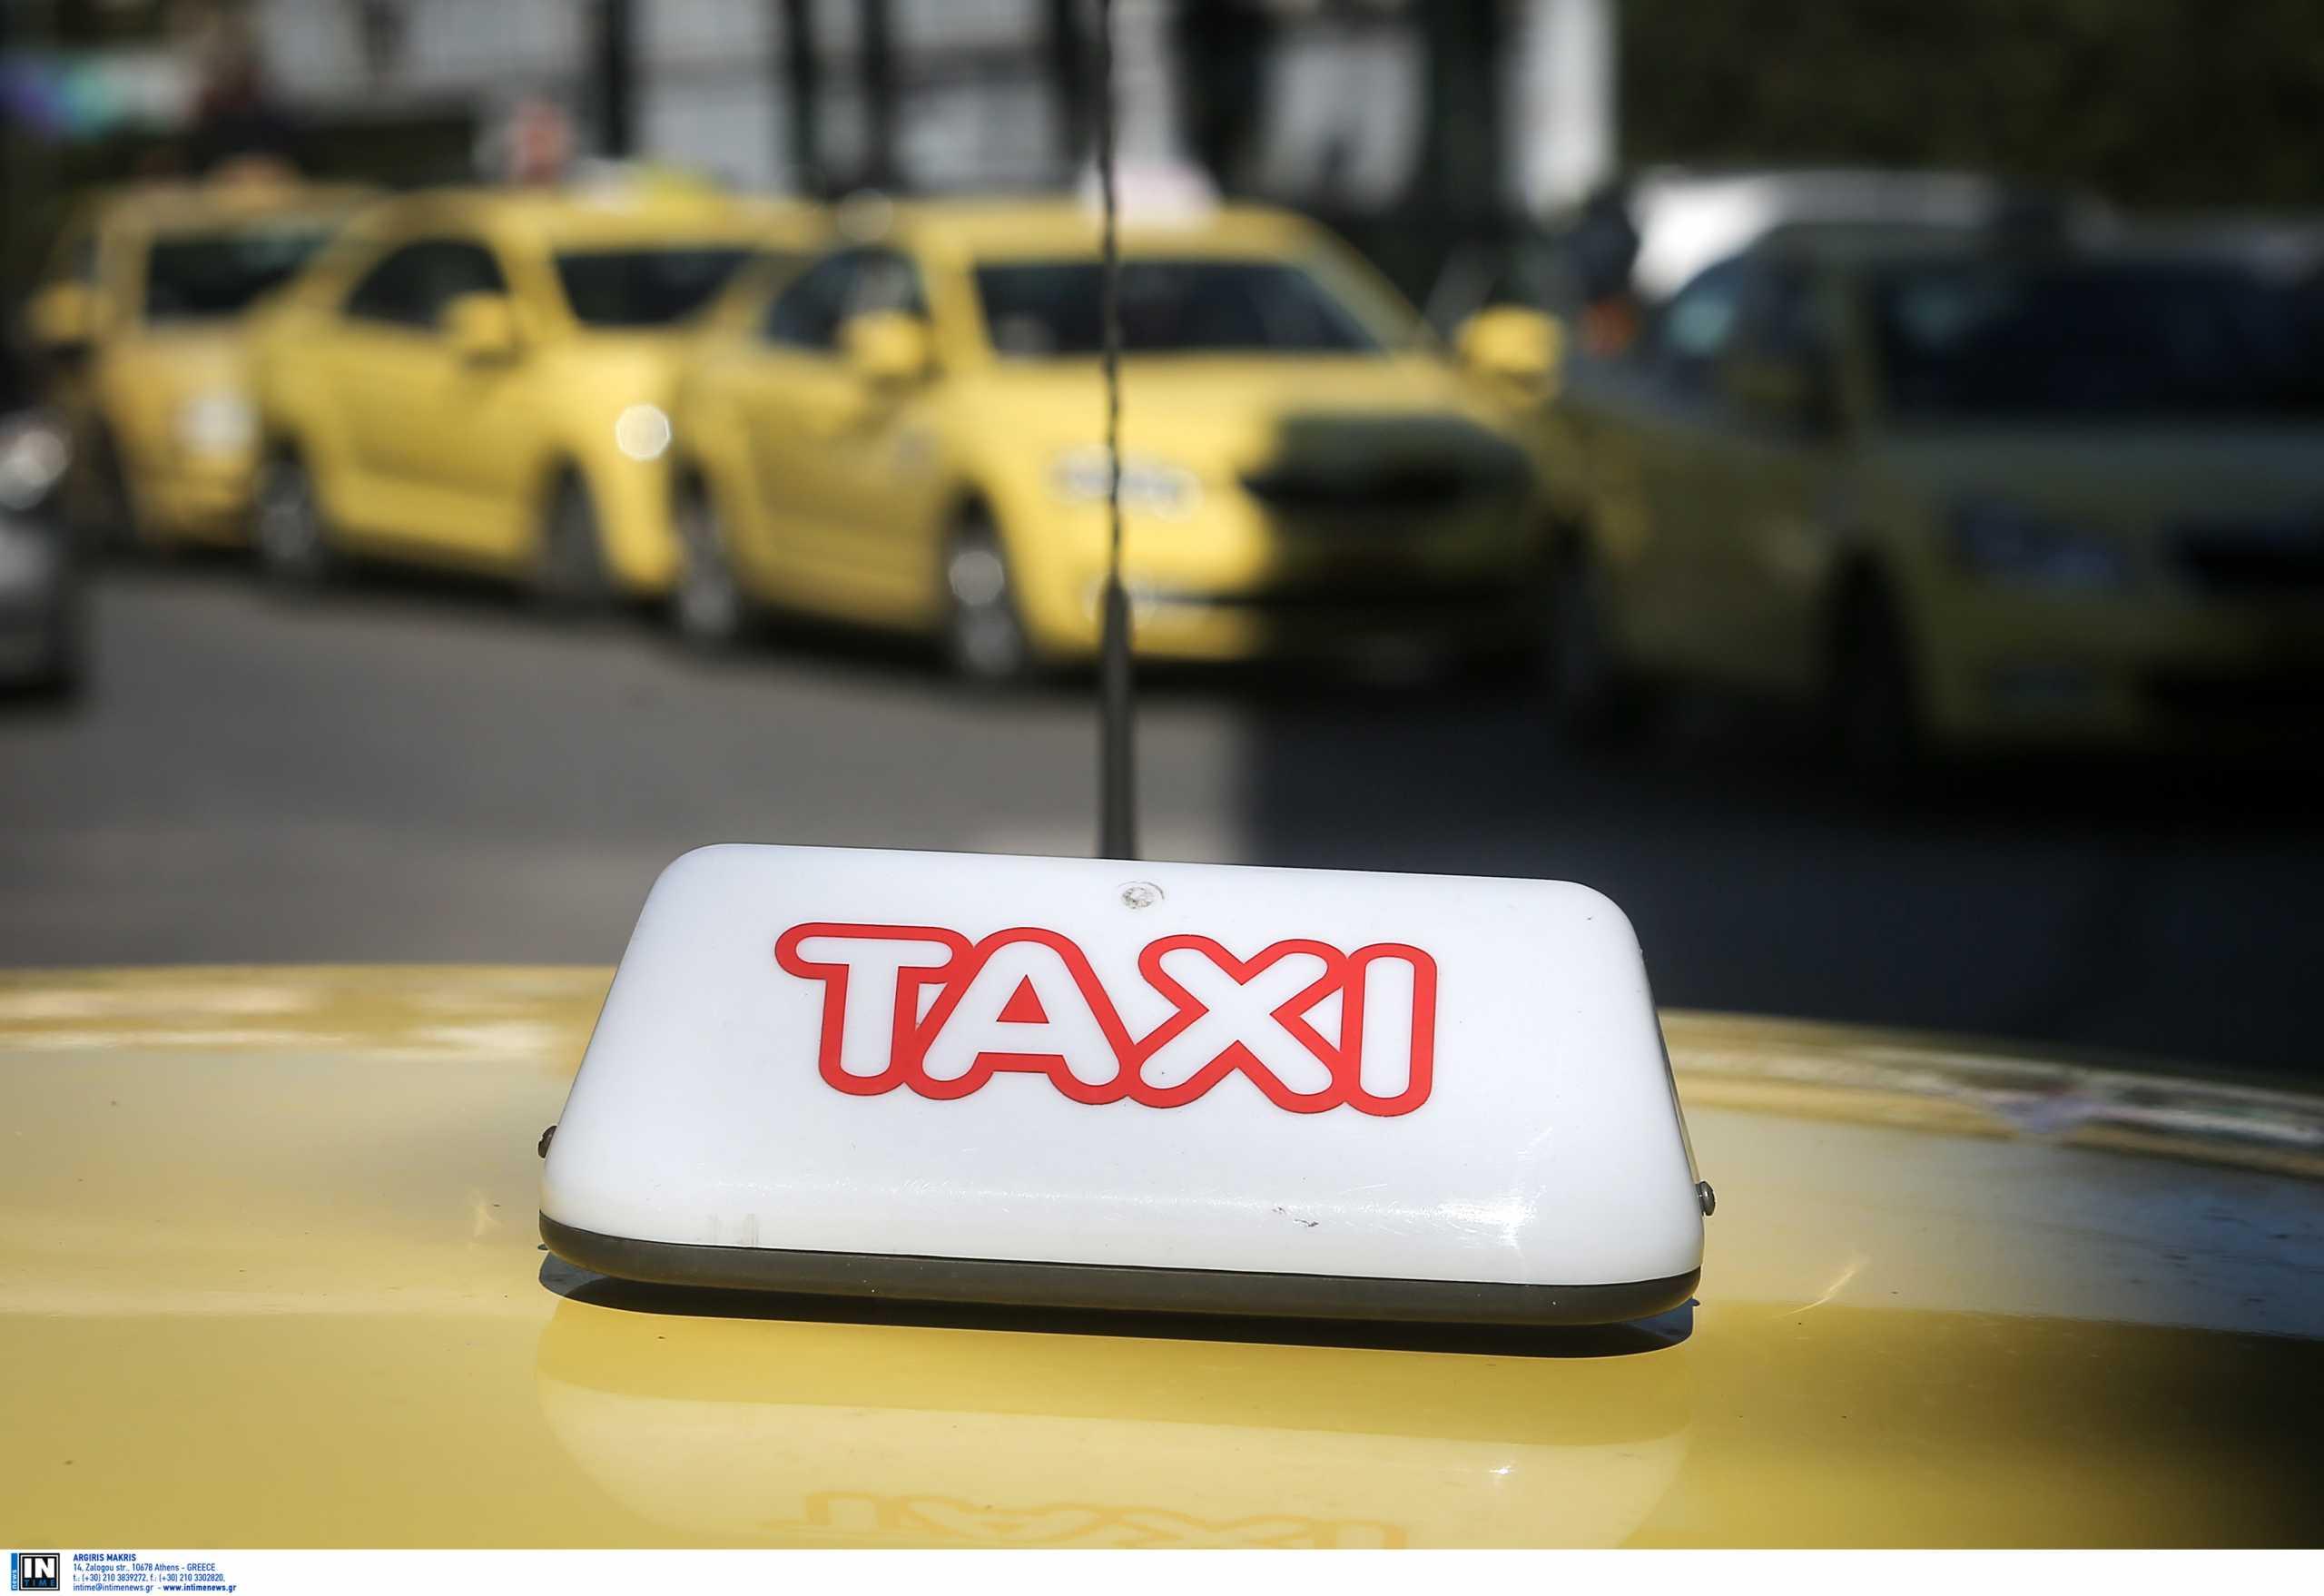 20χρονη φοιτήτρια καταγγέλει: Οδηγός ταξί προσπάθησε να με βιάσει – Πως κατάφερε να ξεφύγει